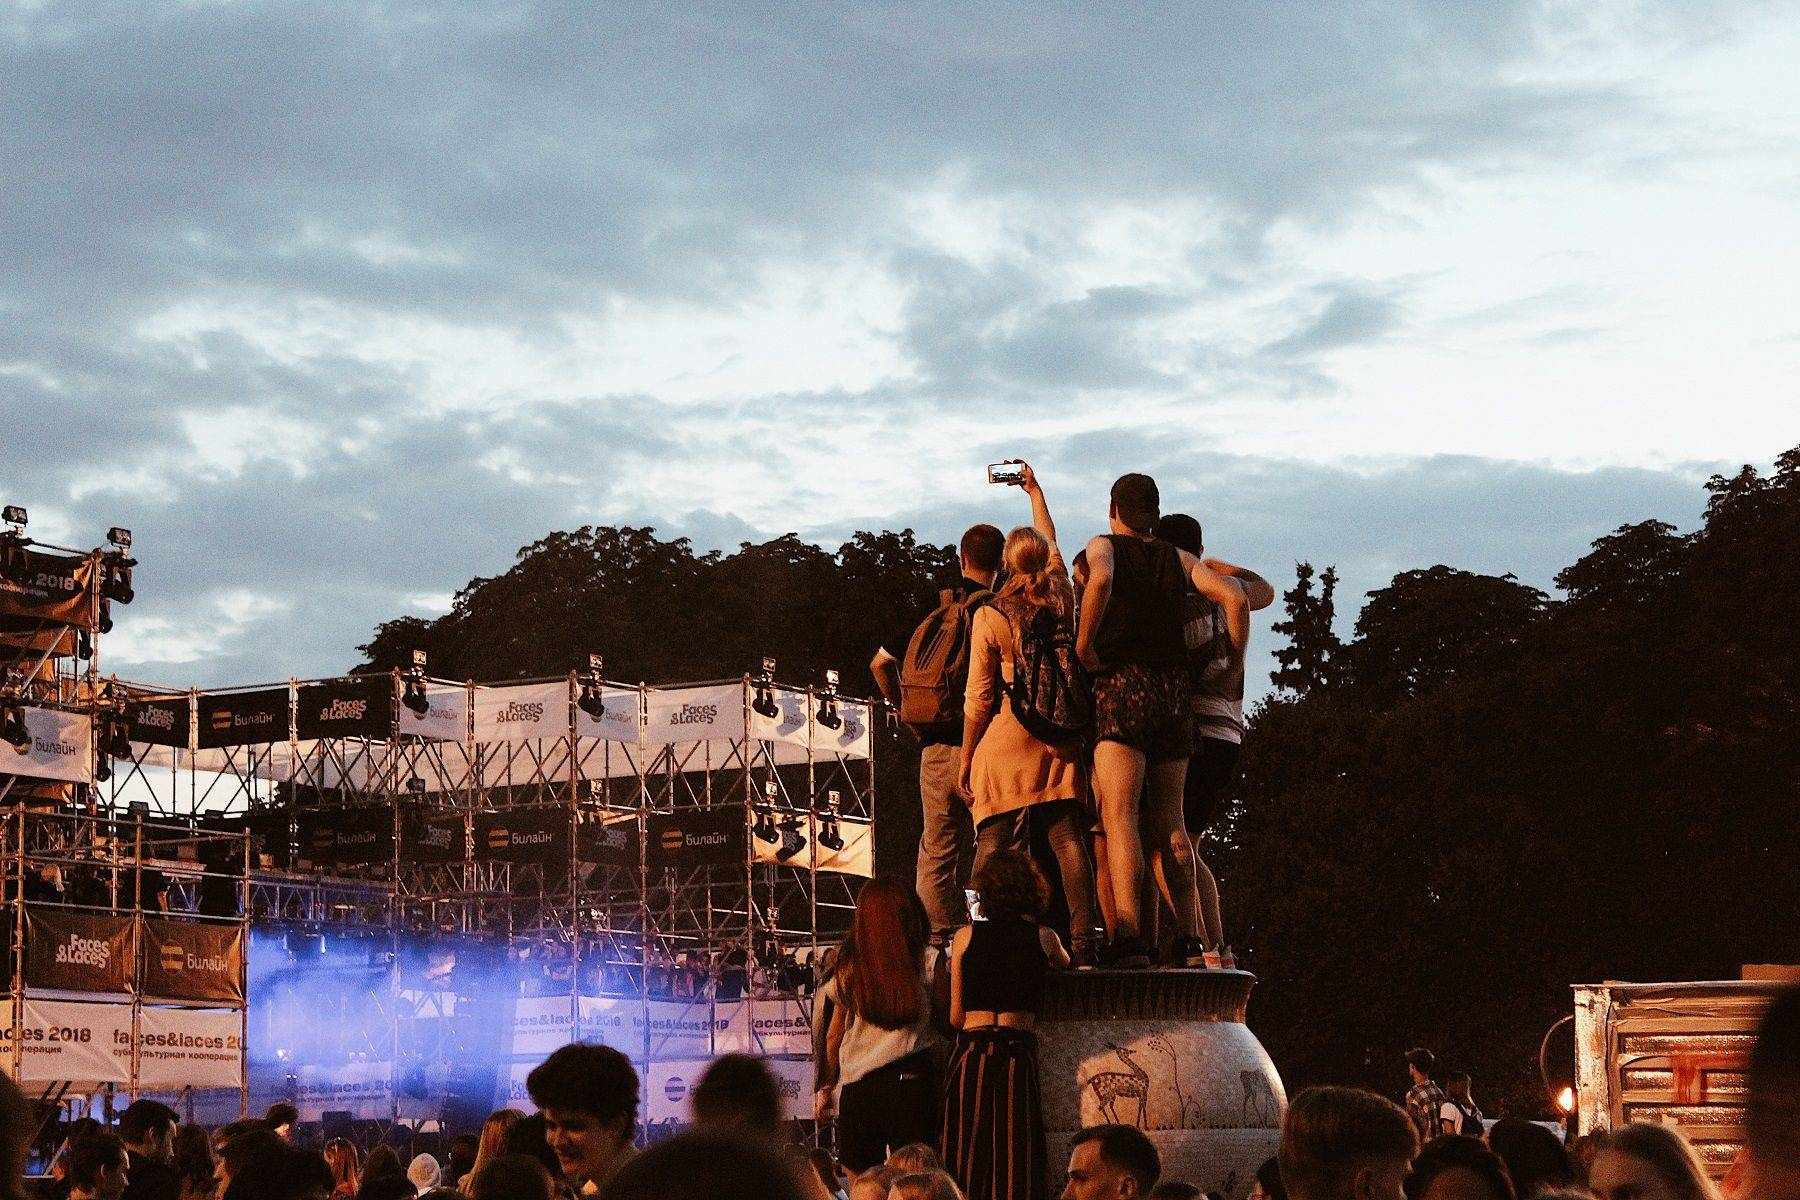 Фейсес Лейсес 2018 фото - Stone Forest